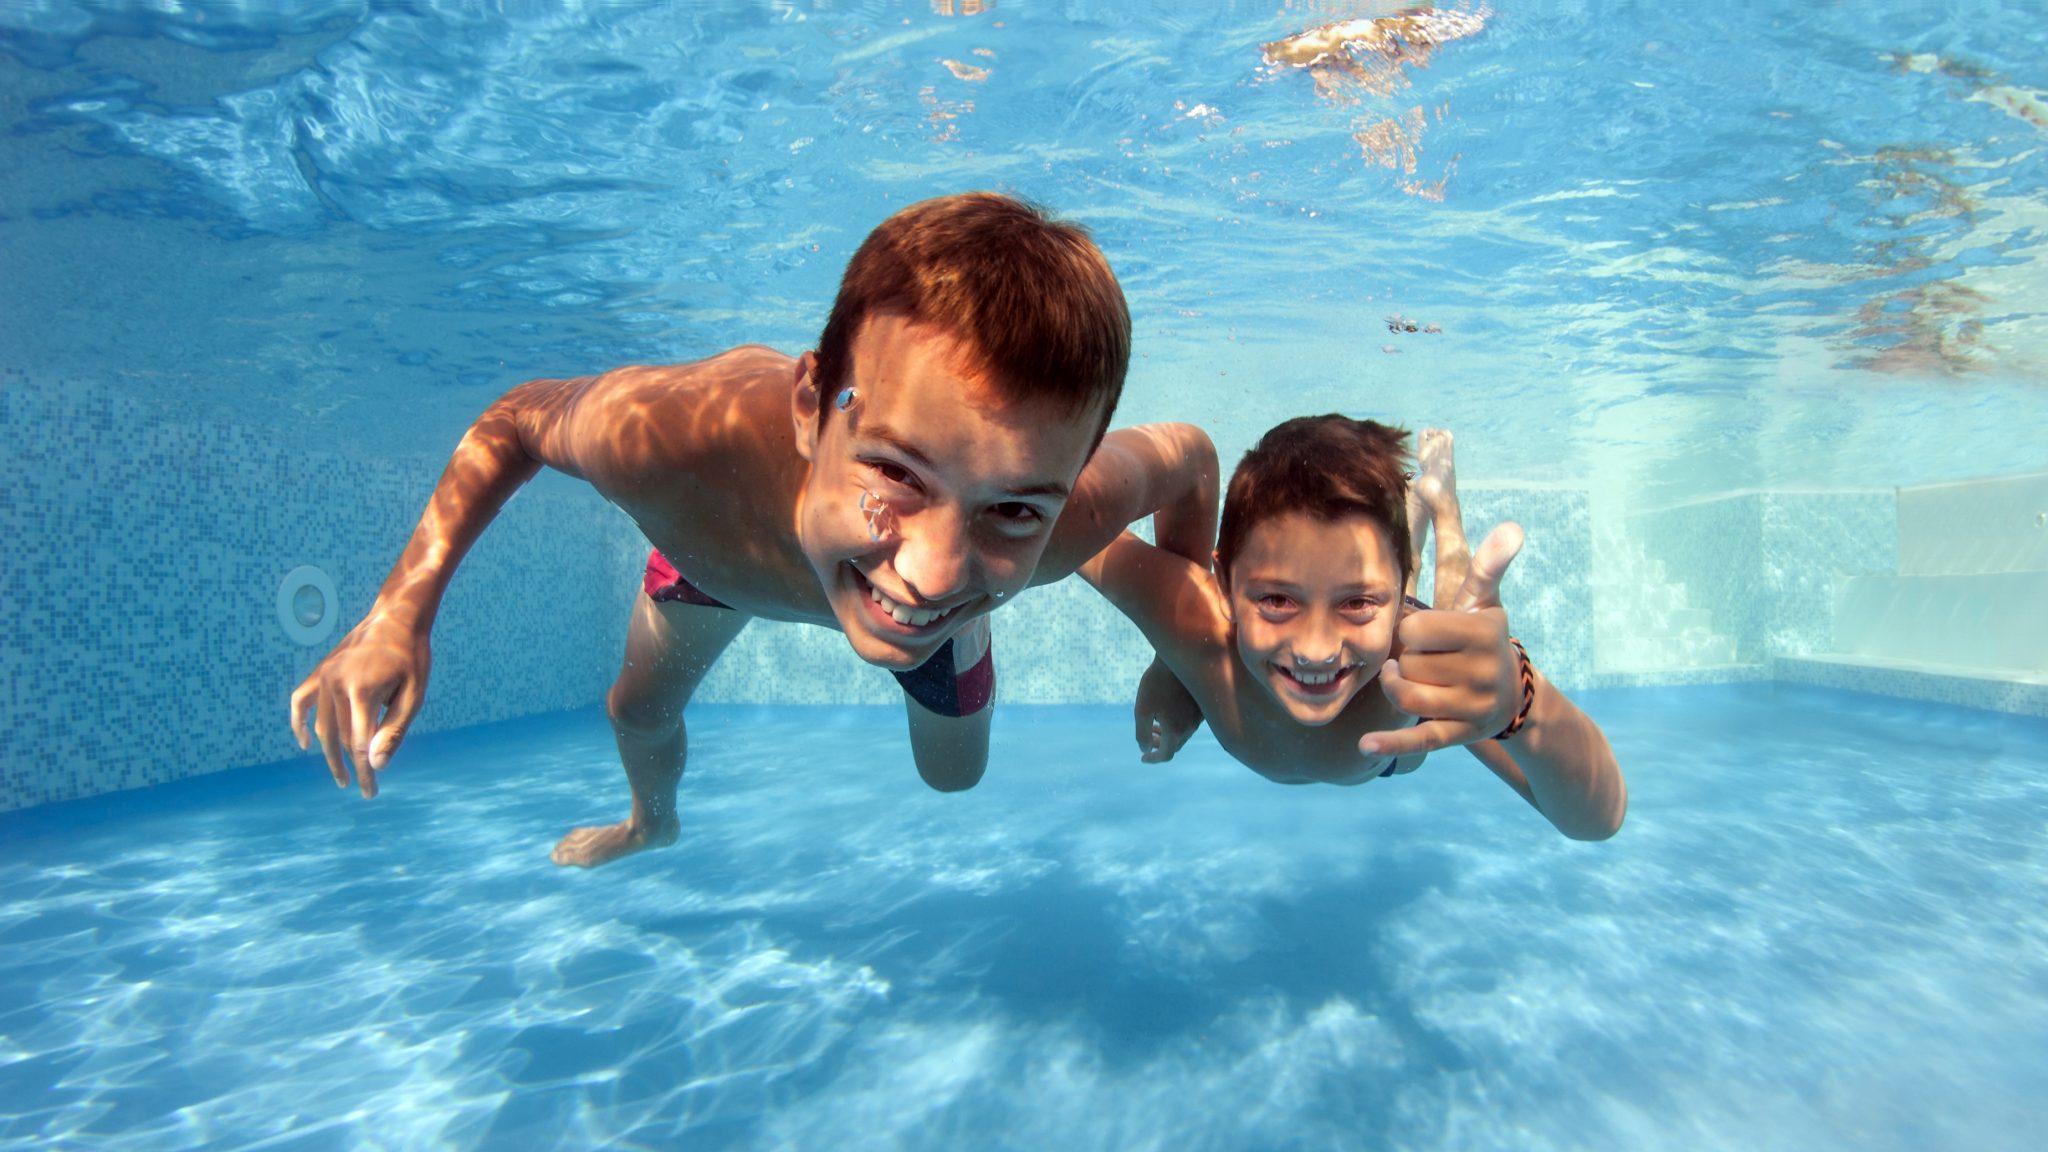 Brincadeiras água - 8 conselhos prevenir acidentes